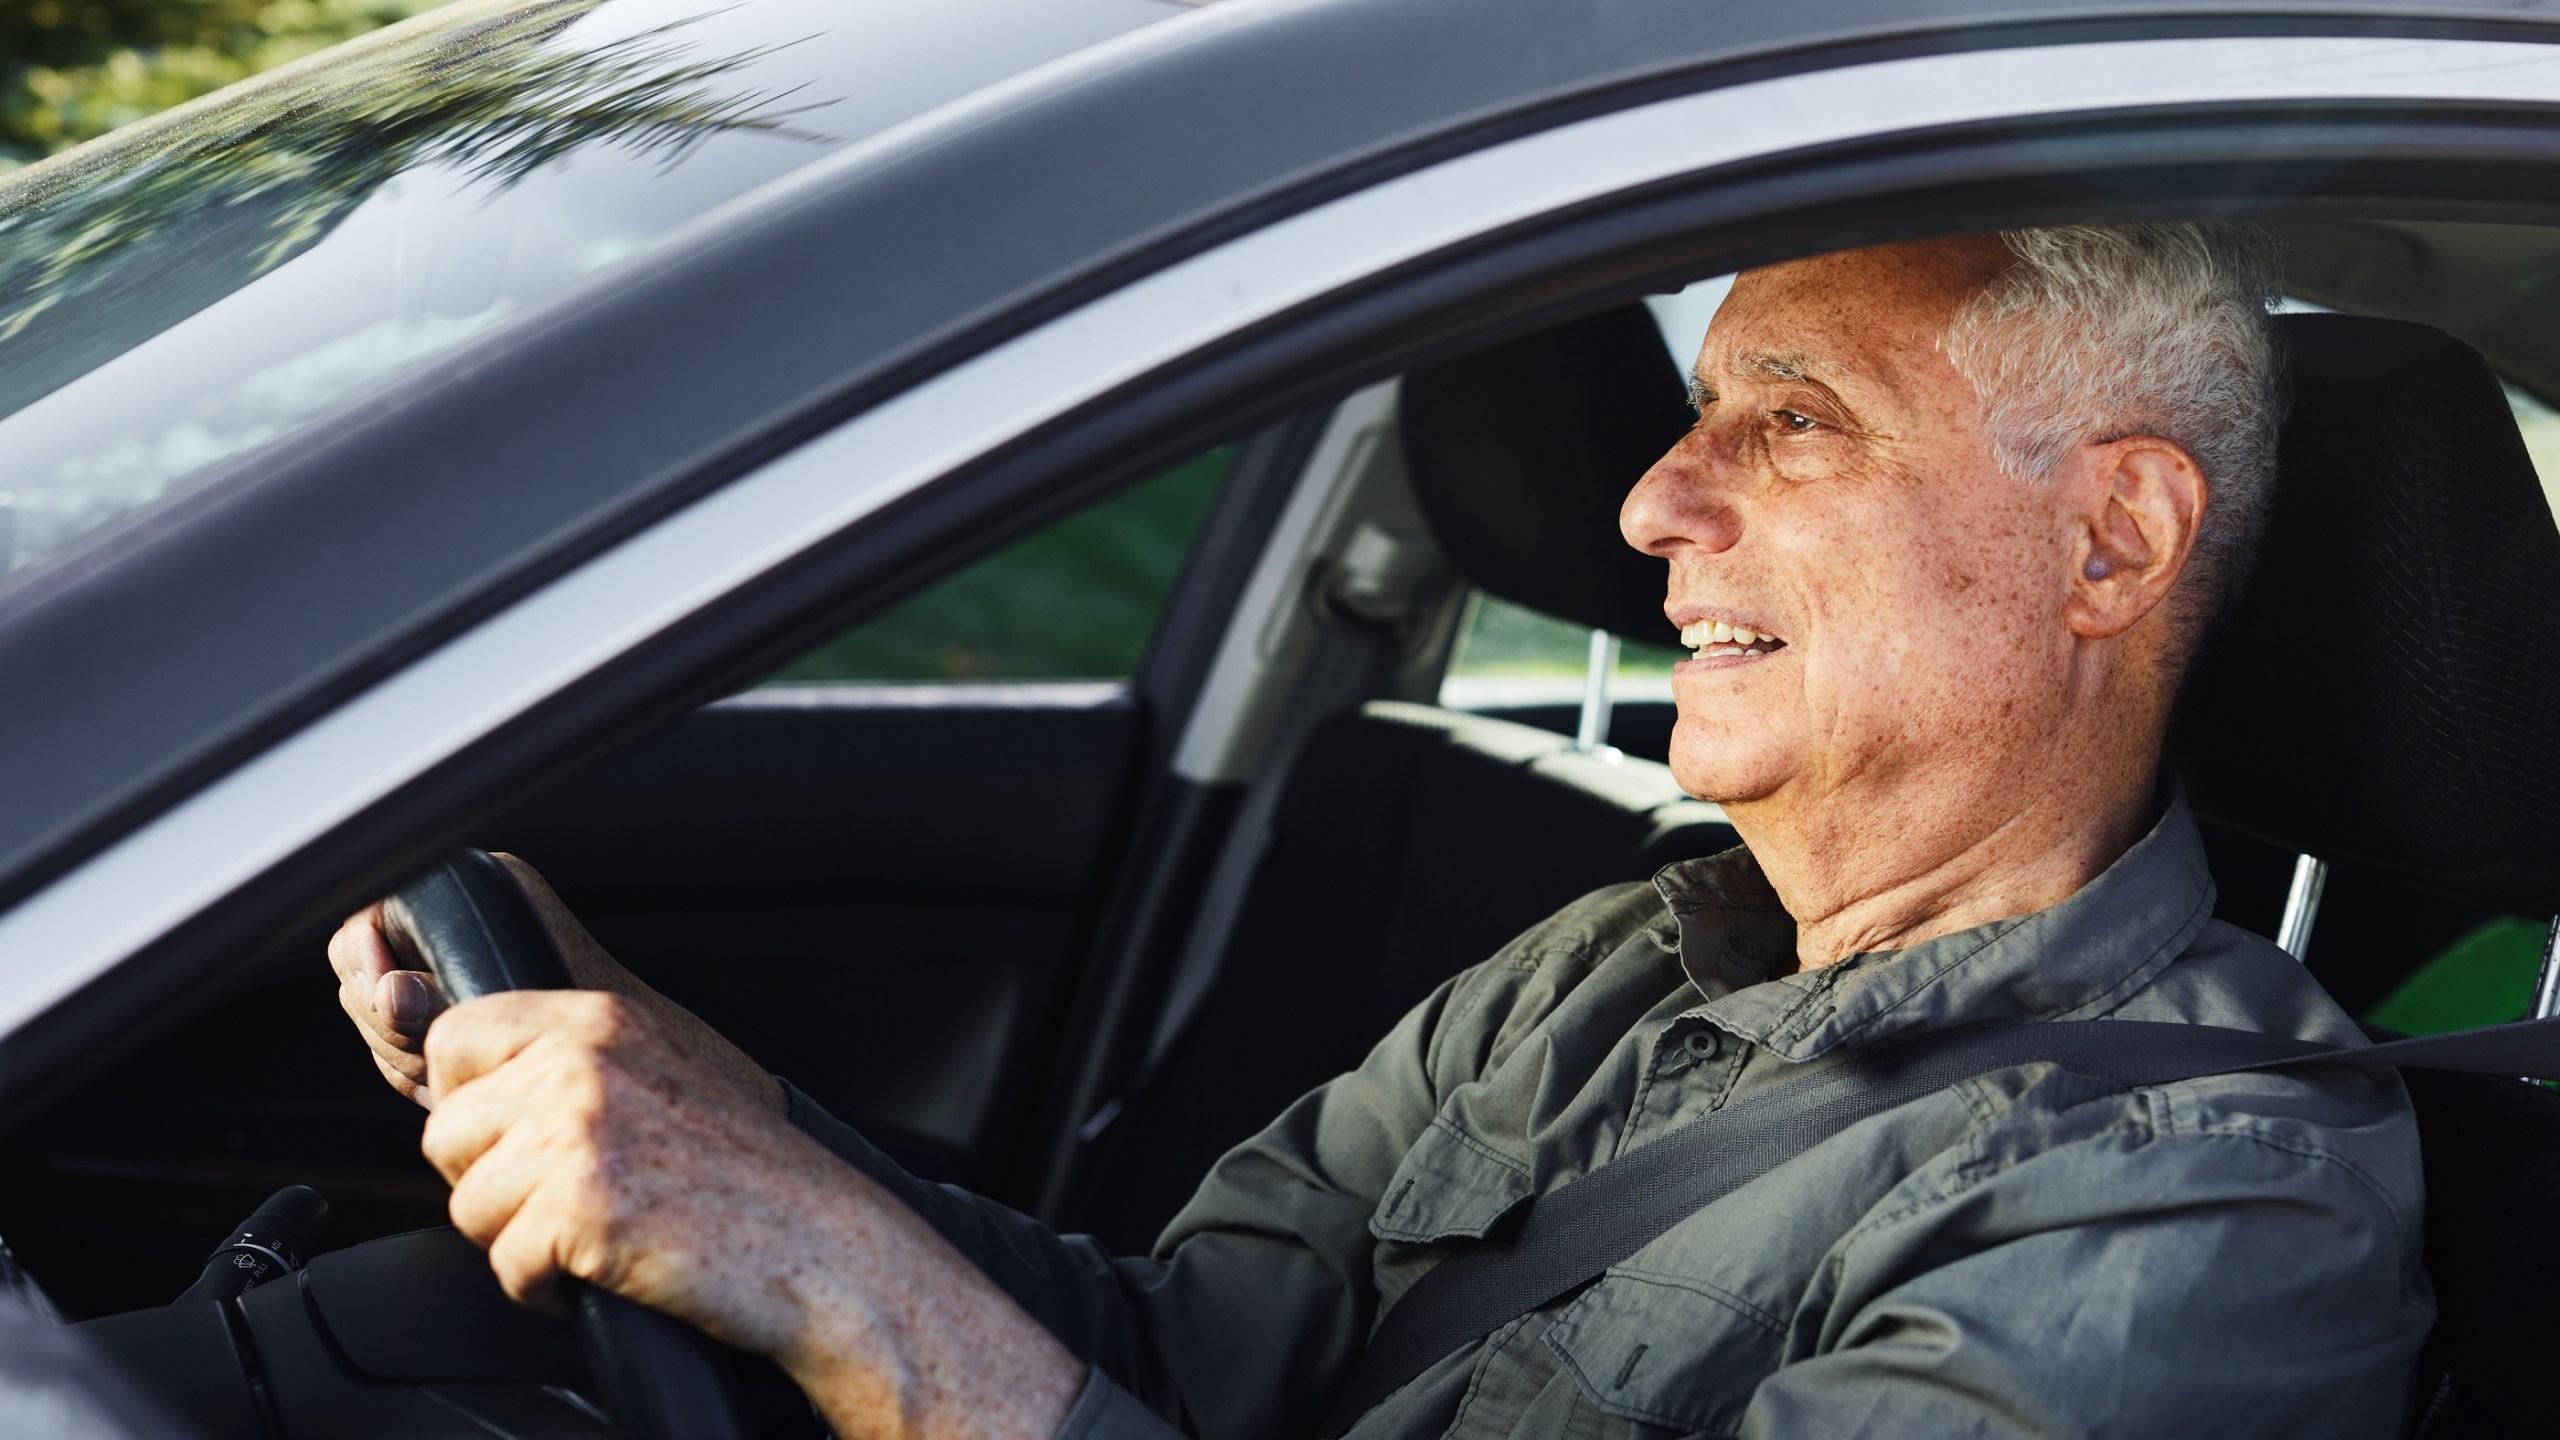 Senior car driver_1556224616241